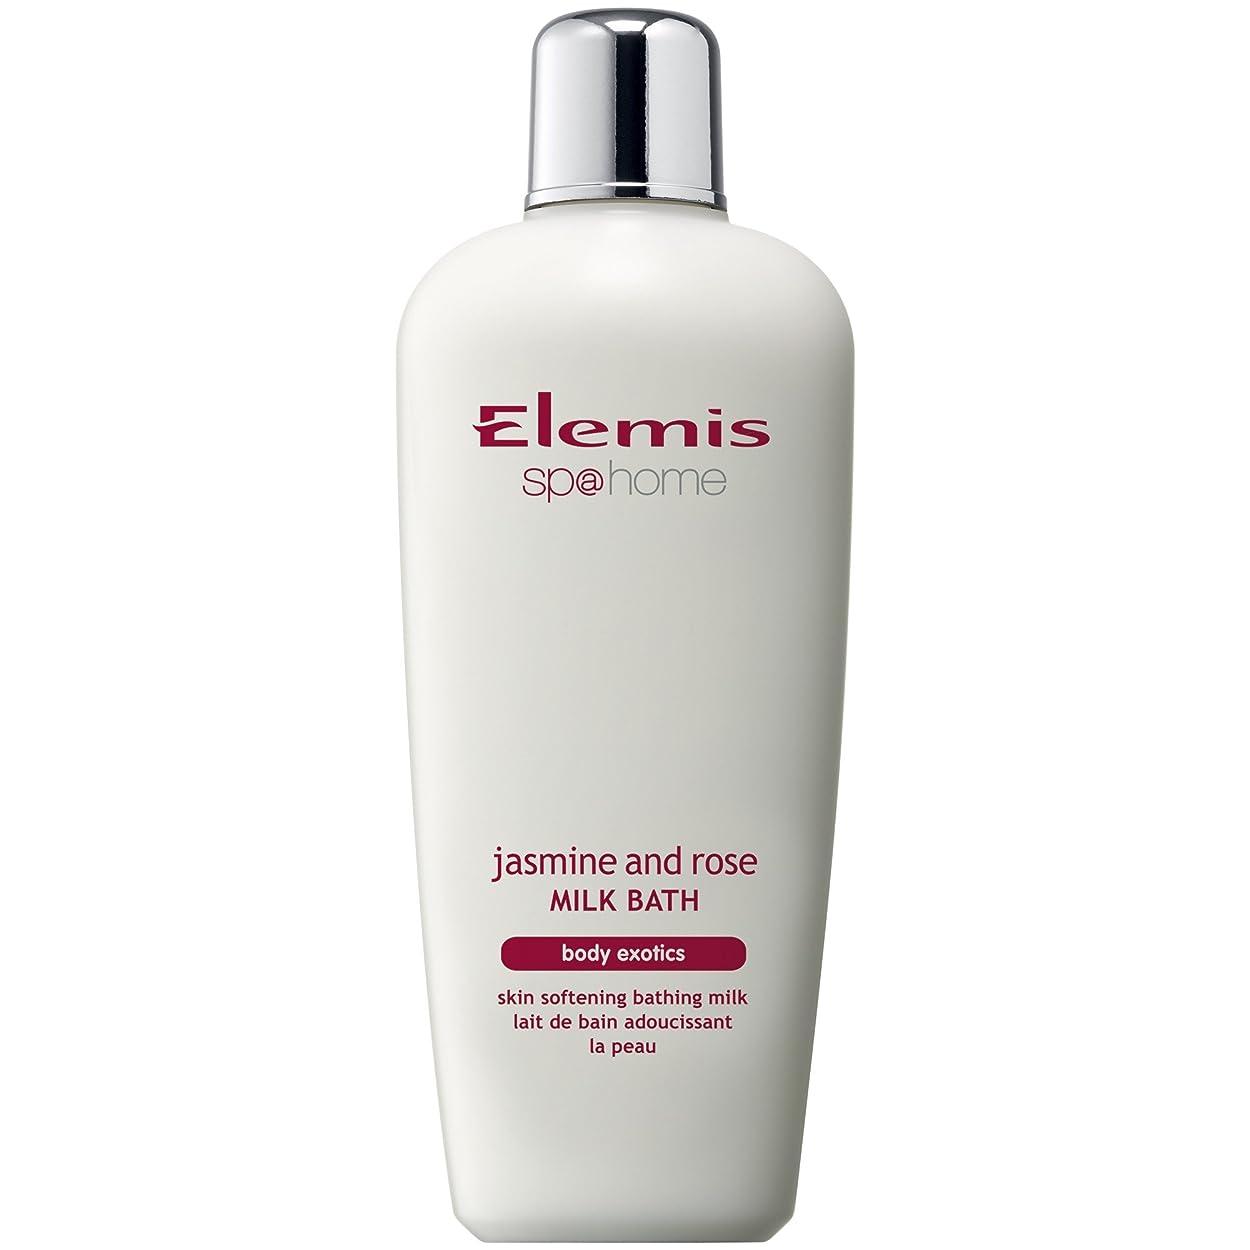 シェードスキーゴールエレミスのジャスミン、ローズミルクバスの400ミリリットル (Elemis) - Elemis Jasmine And Rose Milk Bath 400ml [並行輸入品]